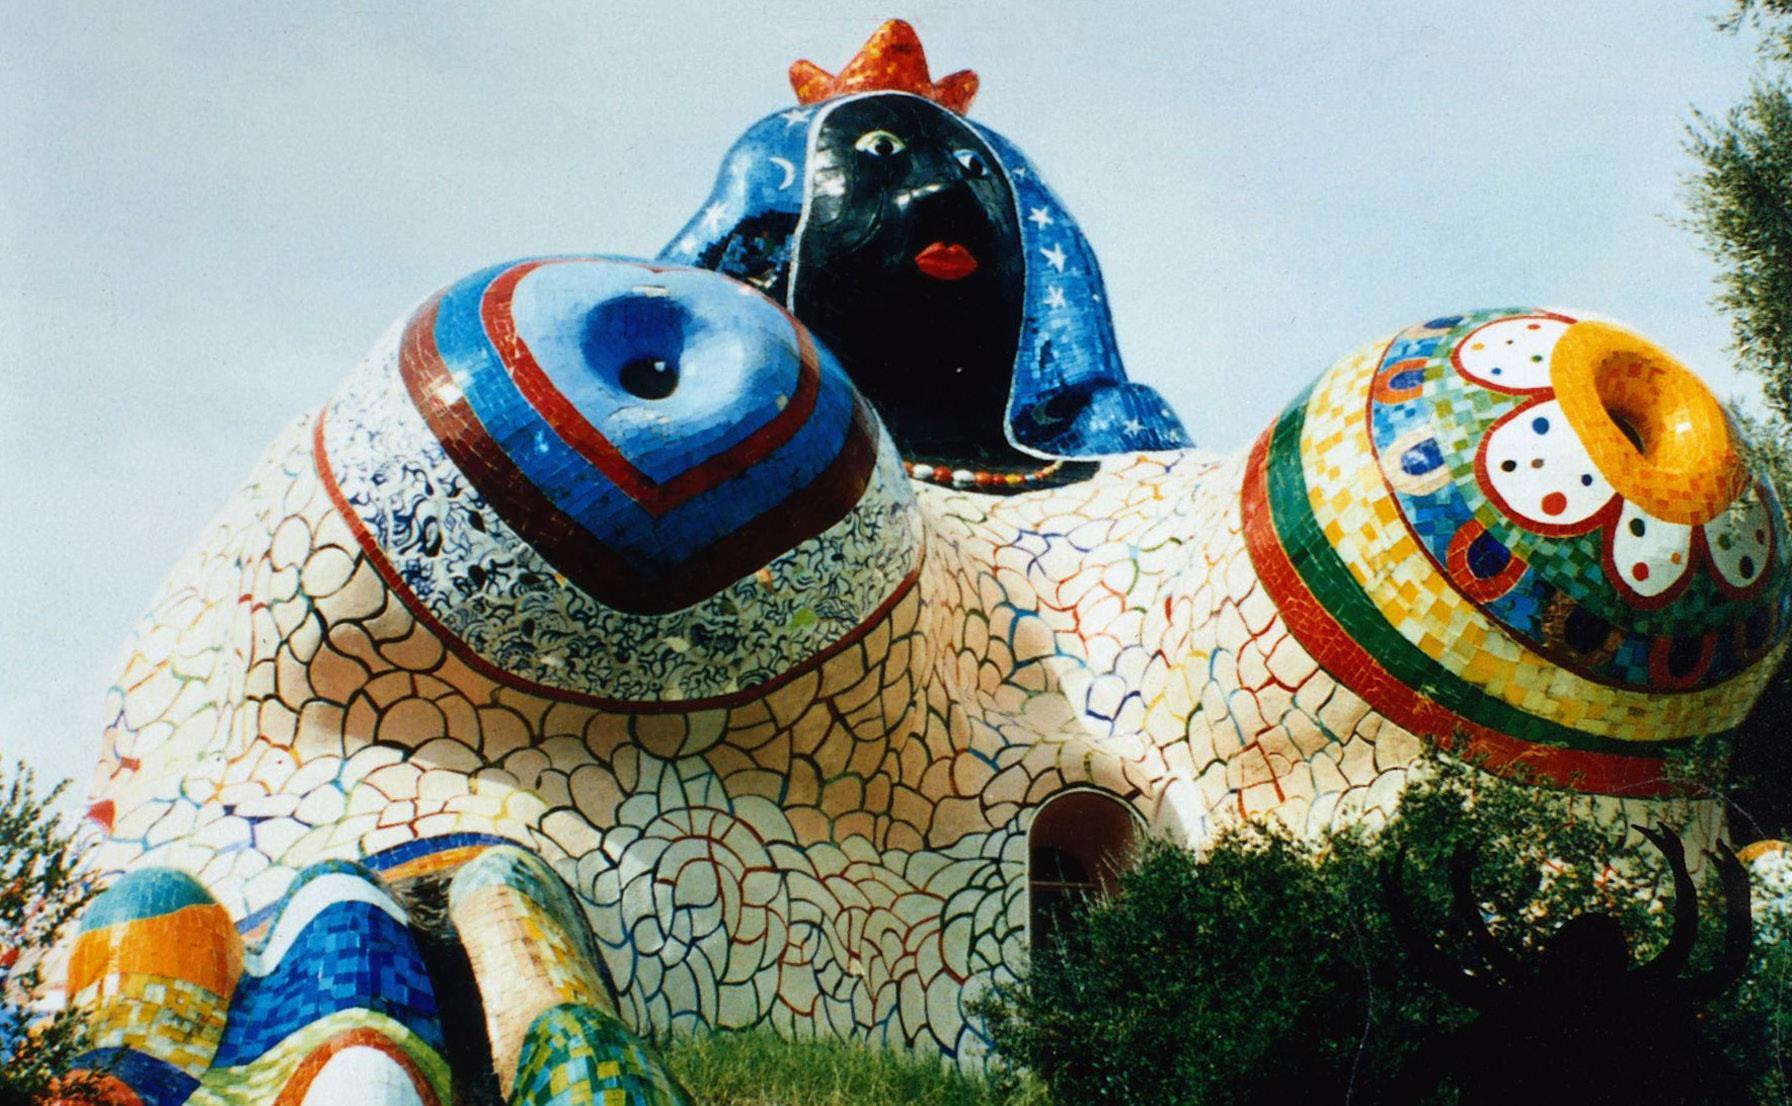 ARTE diffuse un documentaire sur Niki de Saint Phalle le 19